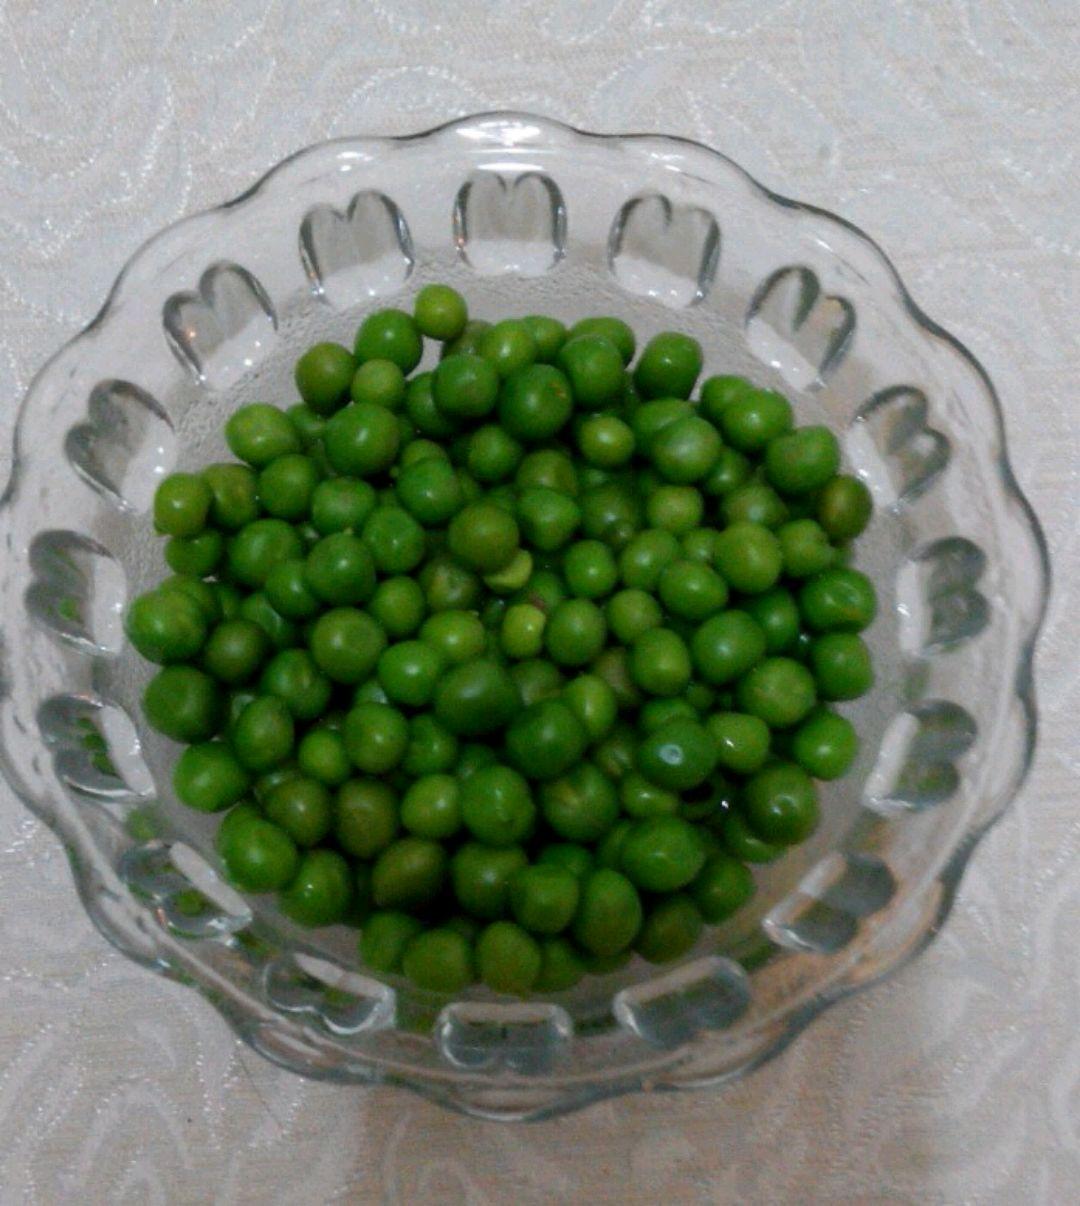 主料 盐 八角 花椒 水煮豌豆的做法步骤 1.